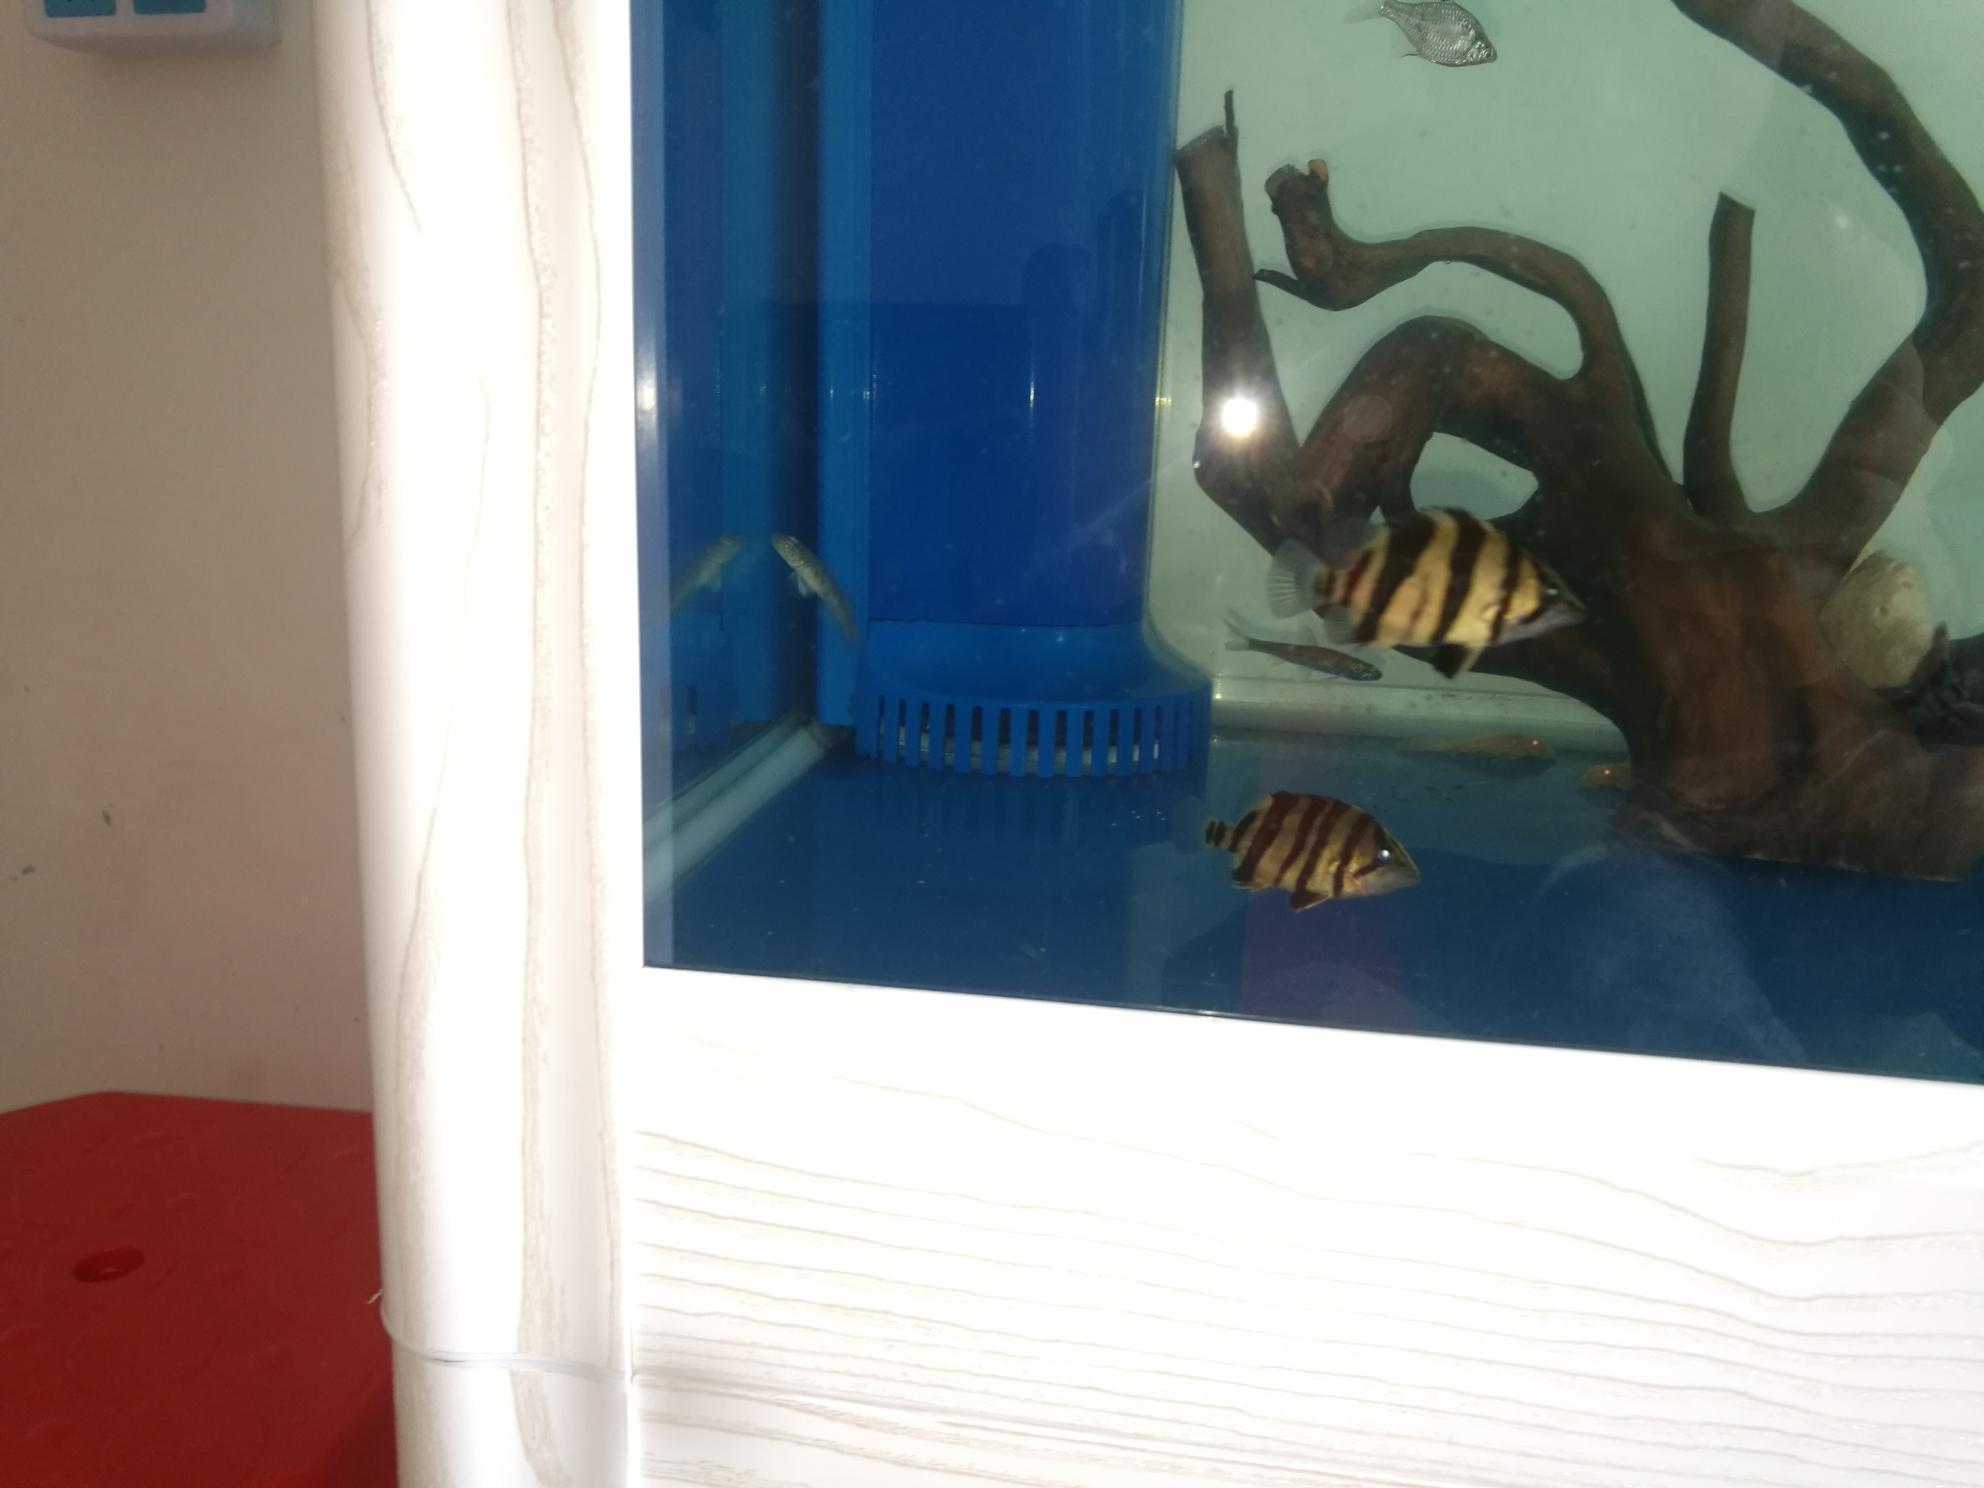 绵阳黑桃a银板鱼价格天呐小三六公分居然有半条细暗纹 绵阳龙鱼论坛